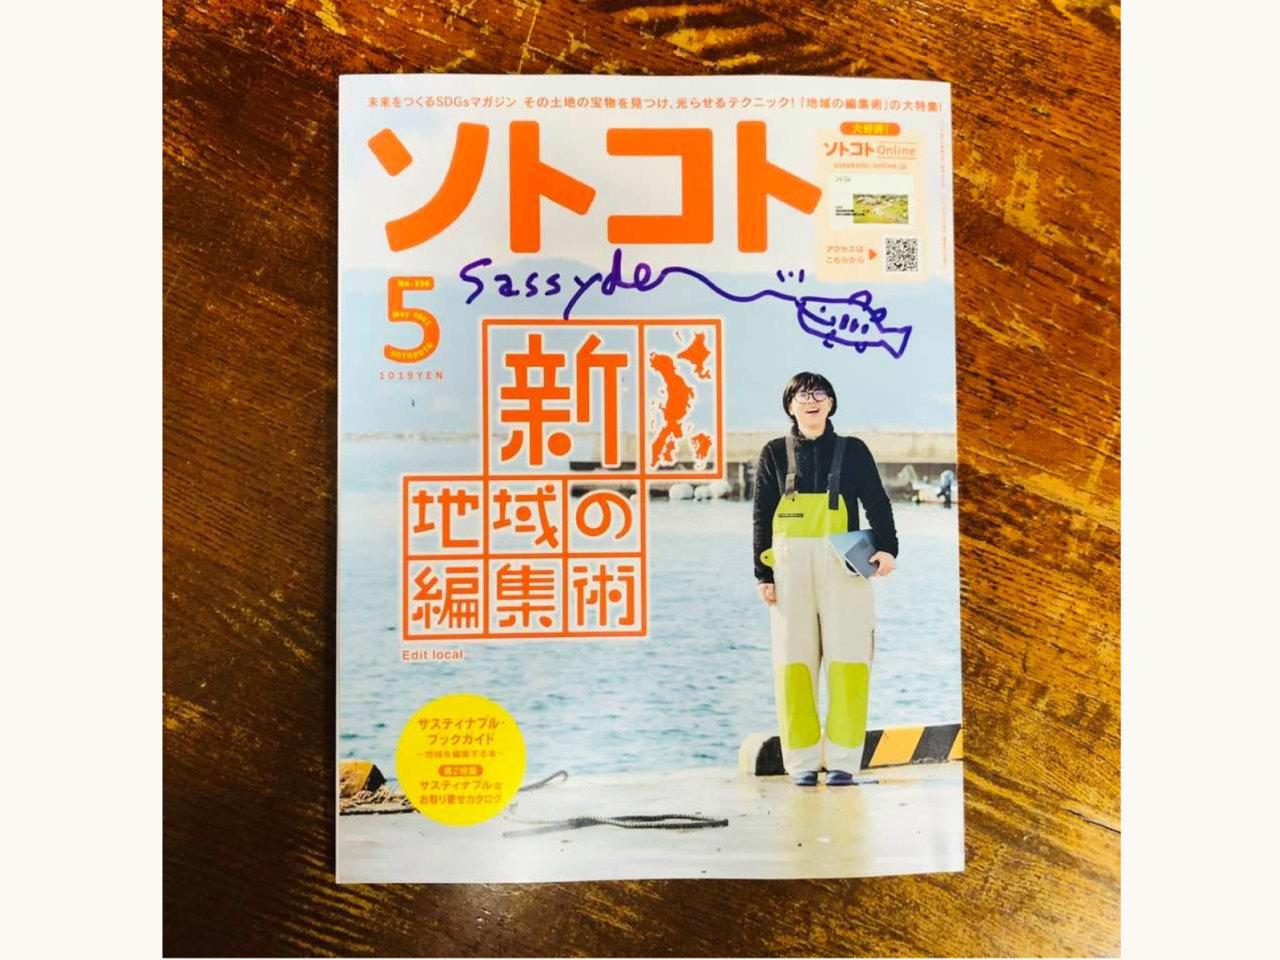 ソトコトの最新号は「新・地域の編集術」!